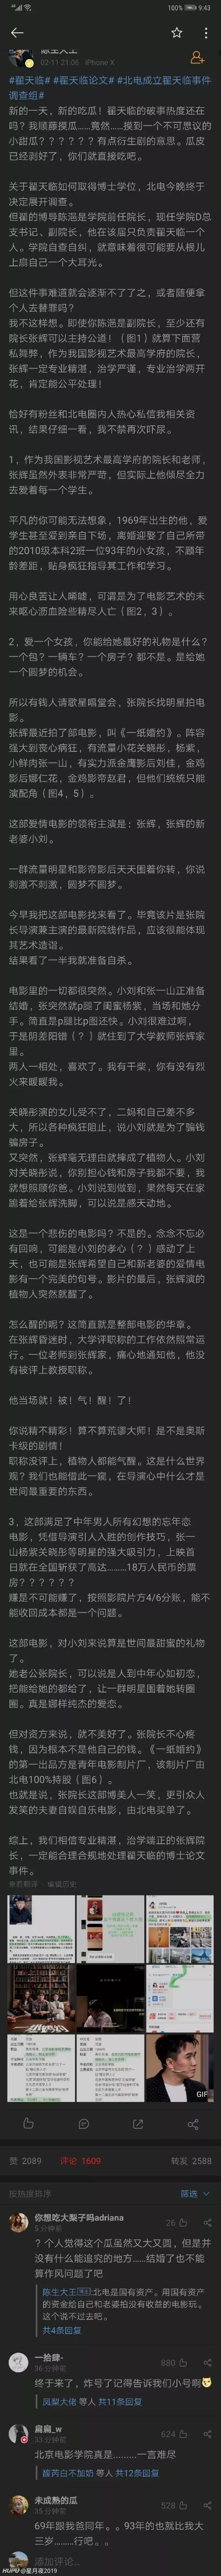 翟天临事件后续 一纸婚姻刘熙阳是谁,和院长张辉结婚事件完整解析